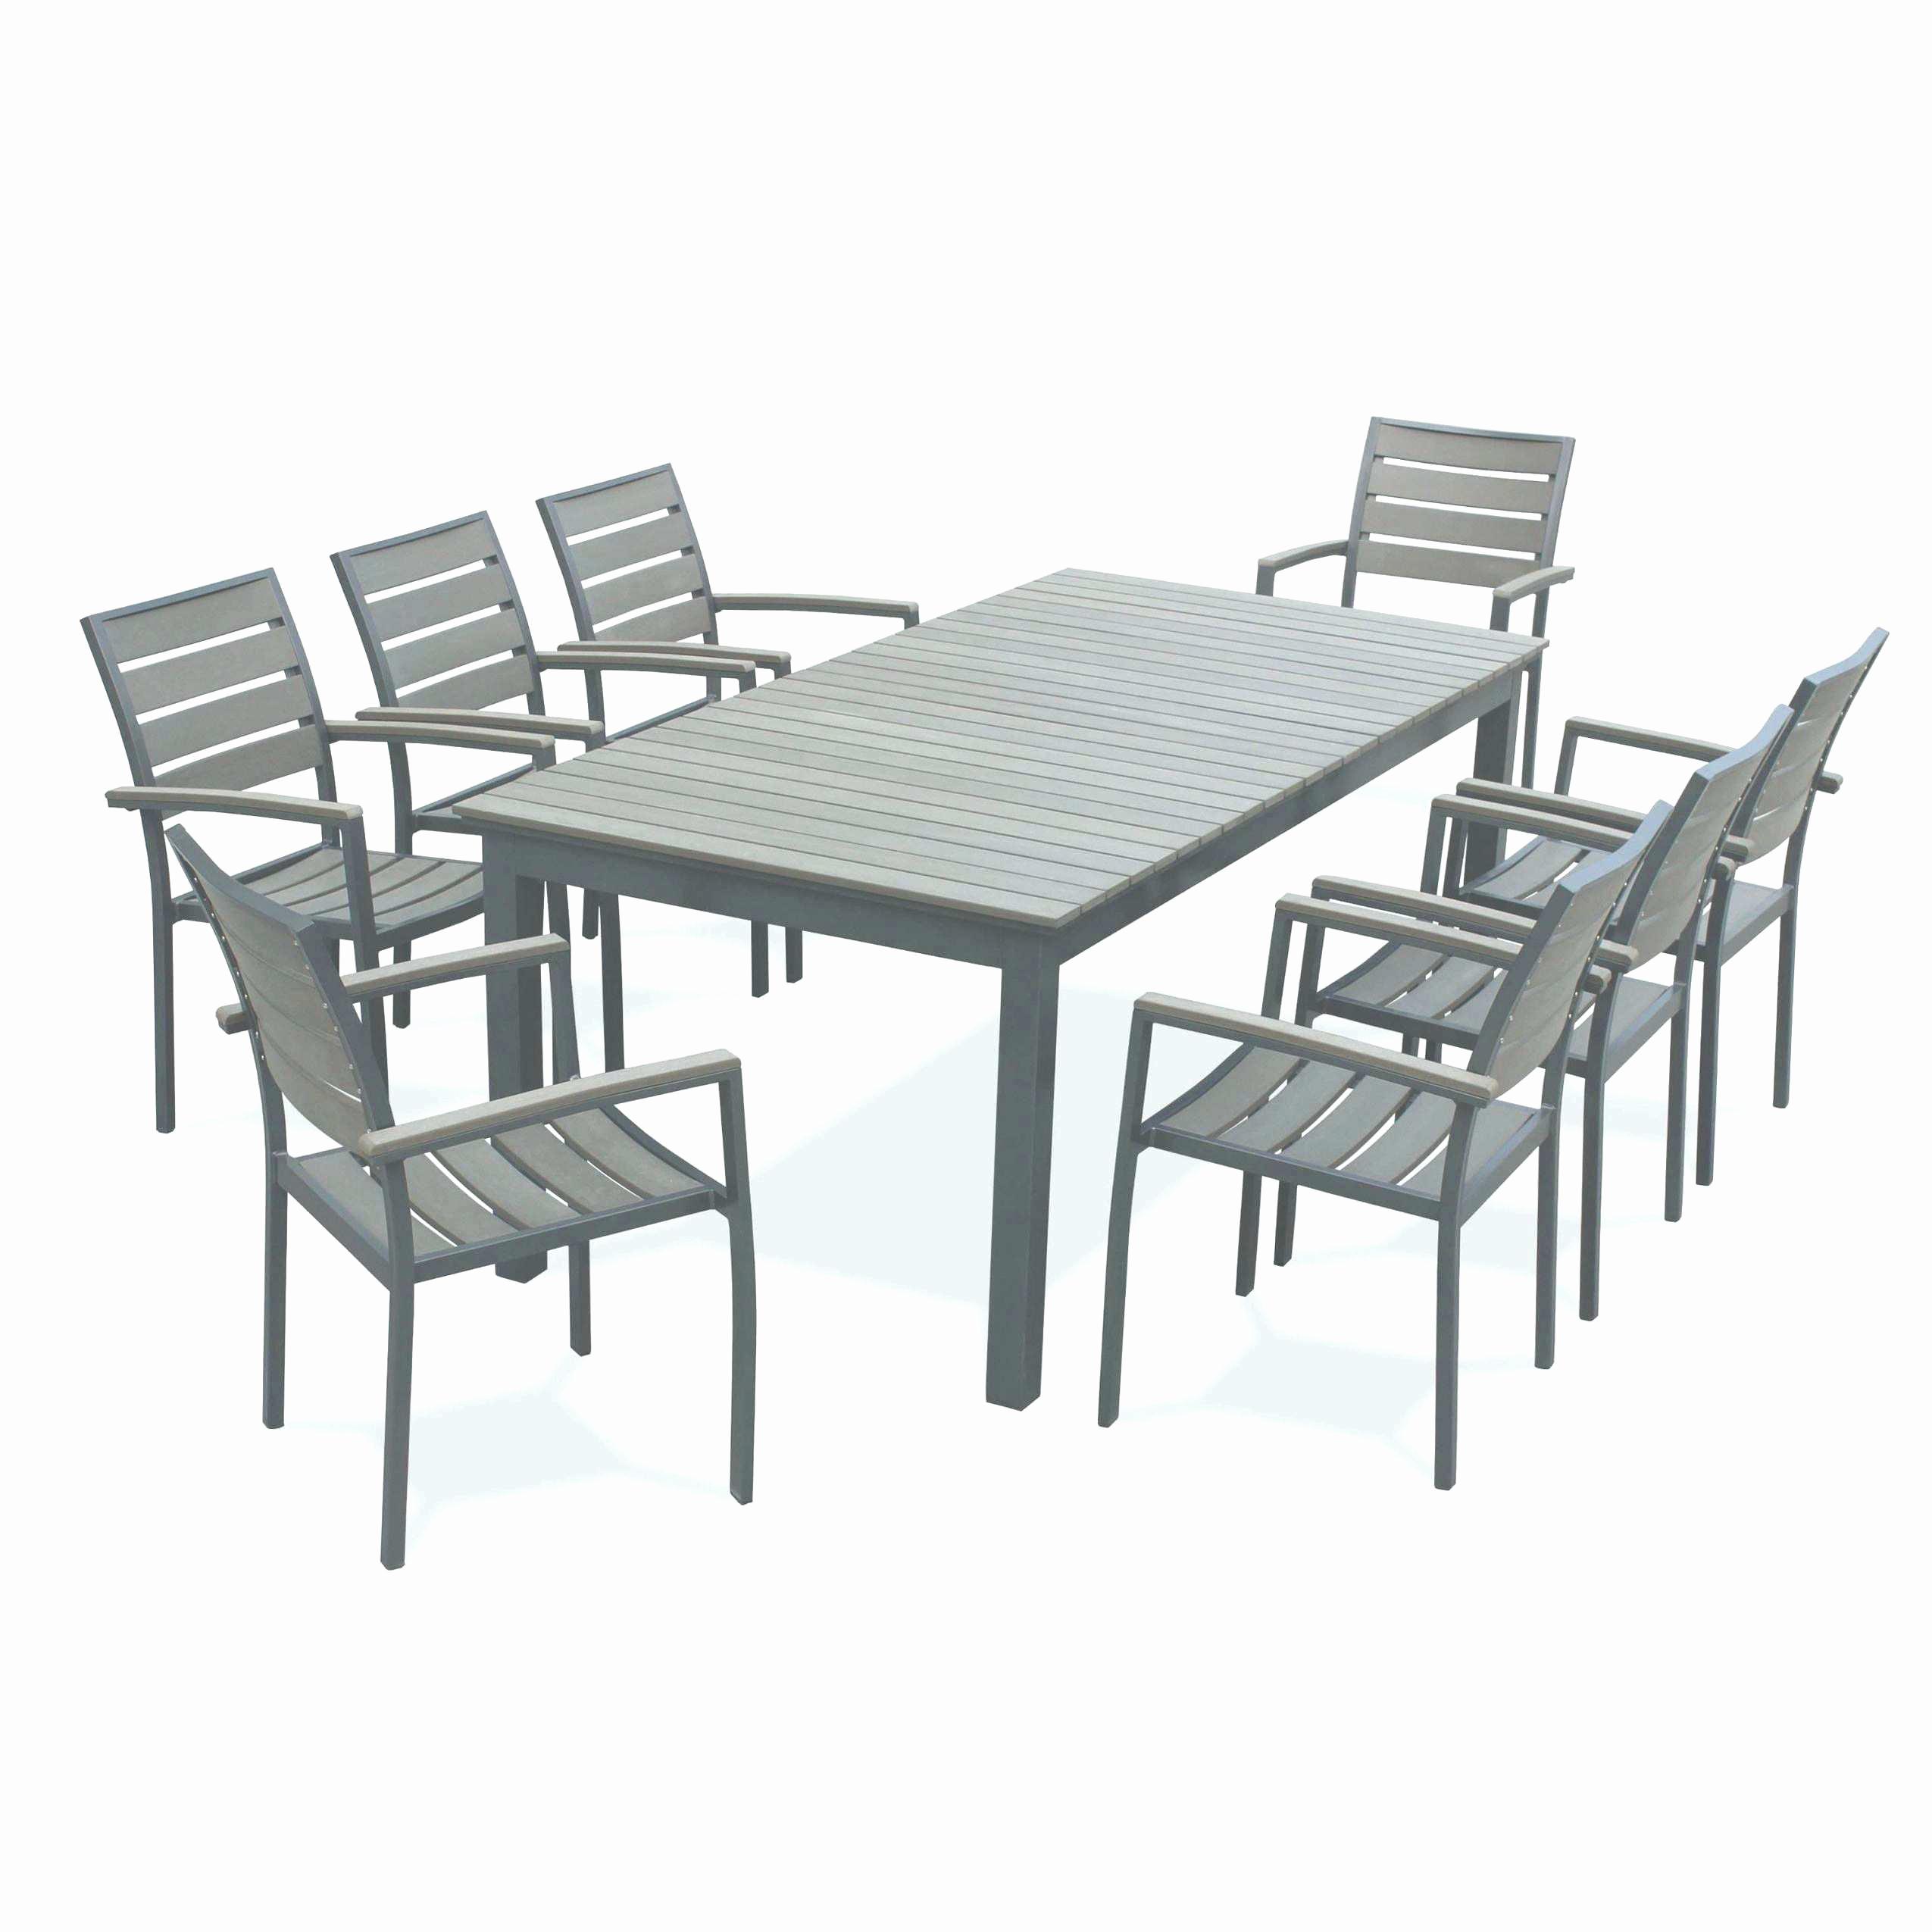 Chaises De Jardin Castorama Inspirant Table Basse Jardin Castorama Unique Table Terrasse Castorama Of 26 Inspirant Chaises De Jardin Castorama